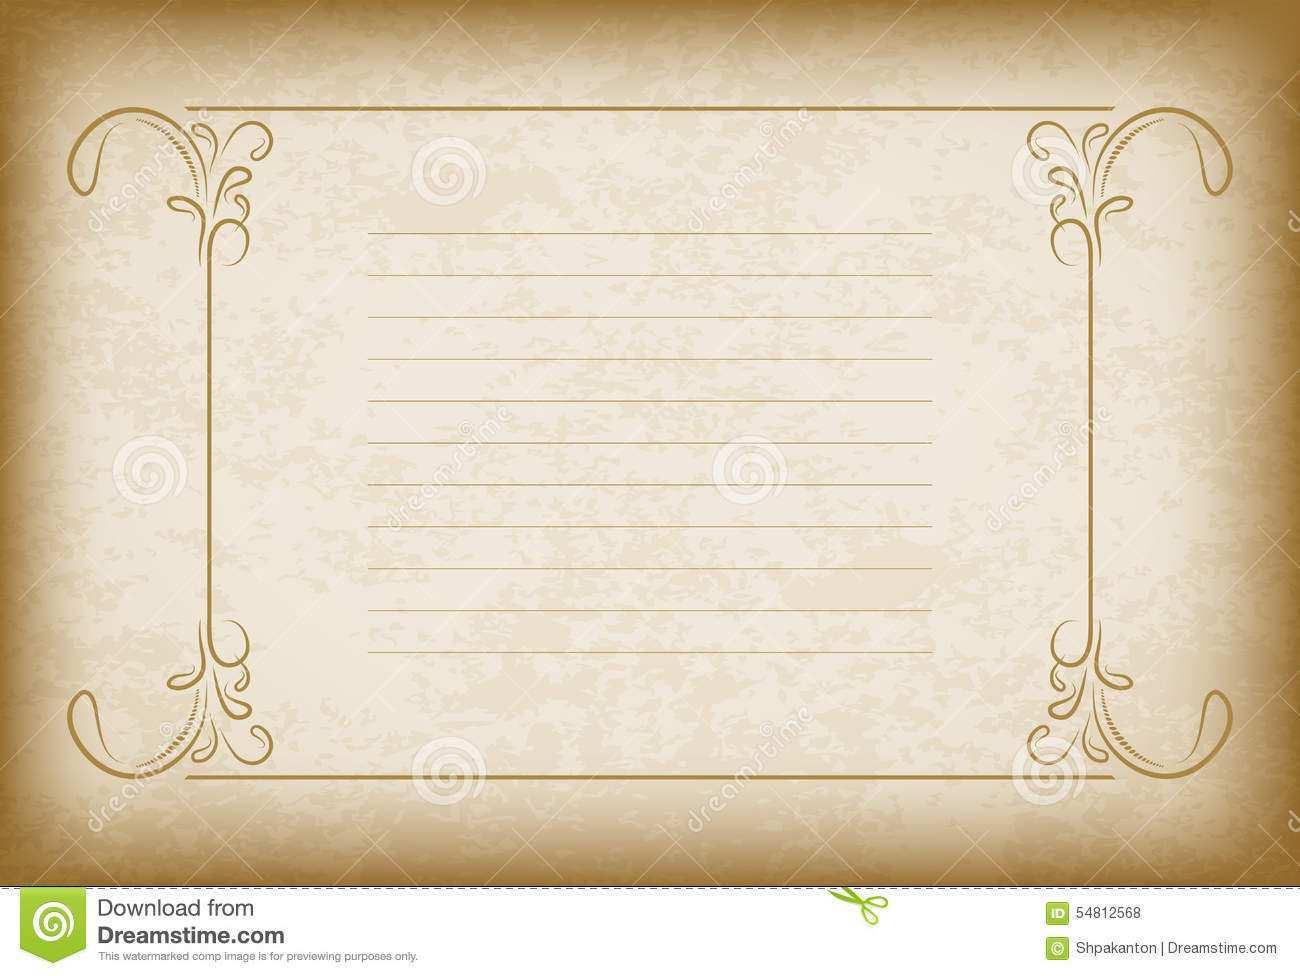 40 Creating Blank Vintage Invitation Template Formating with Blank Vintage Invitation Template